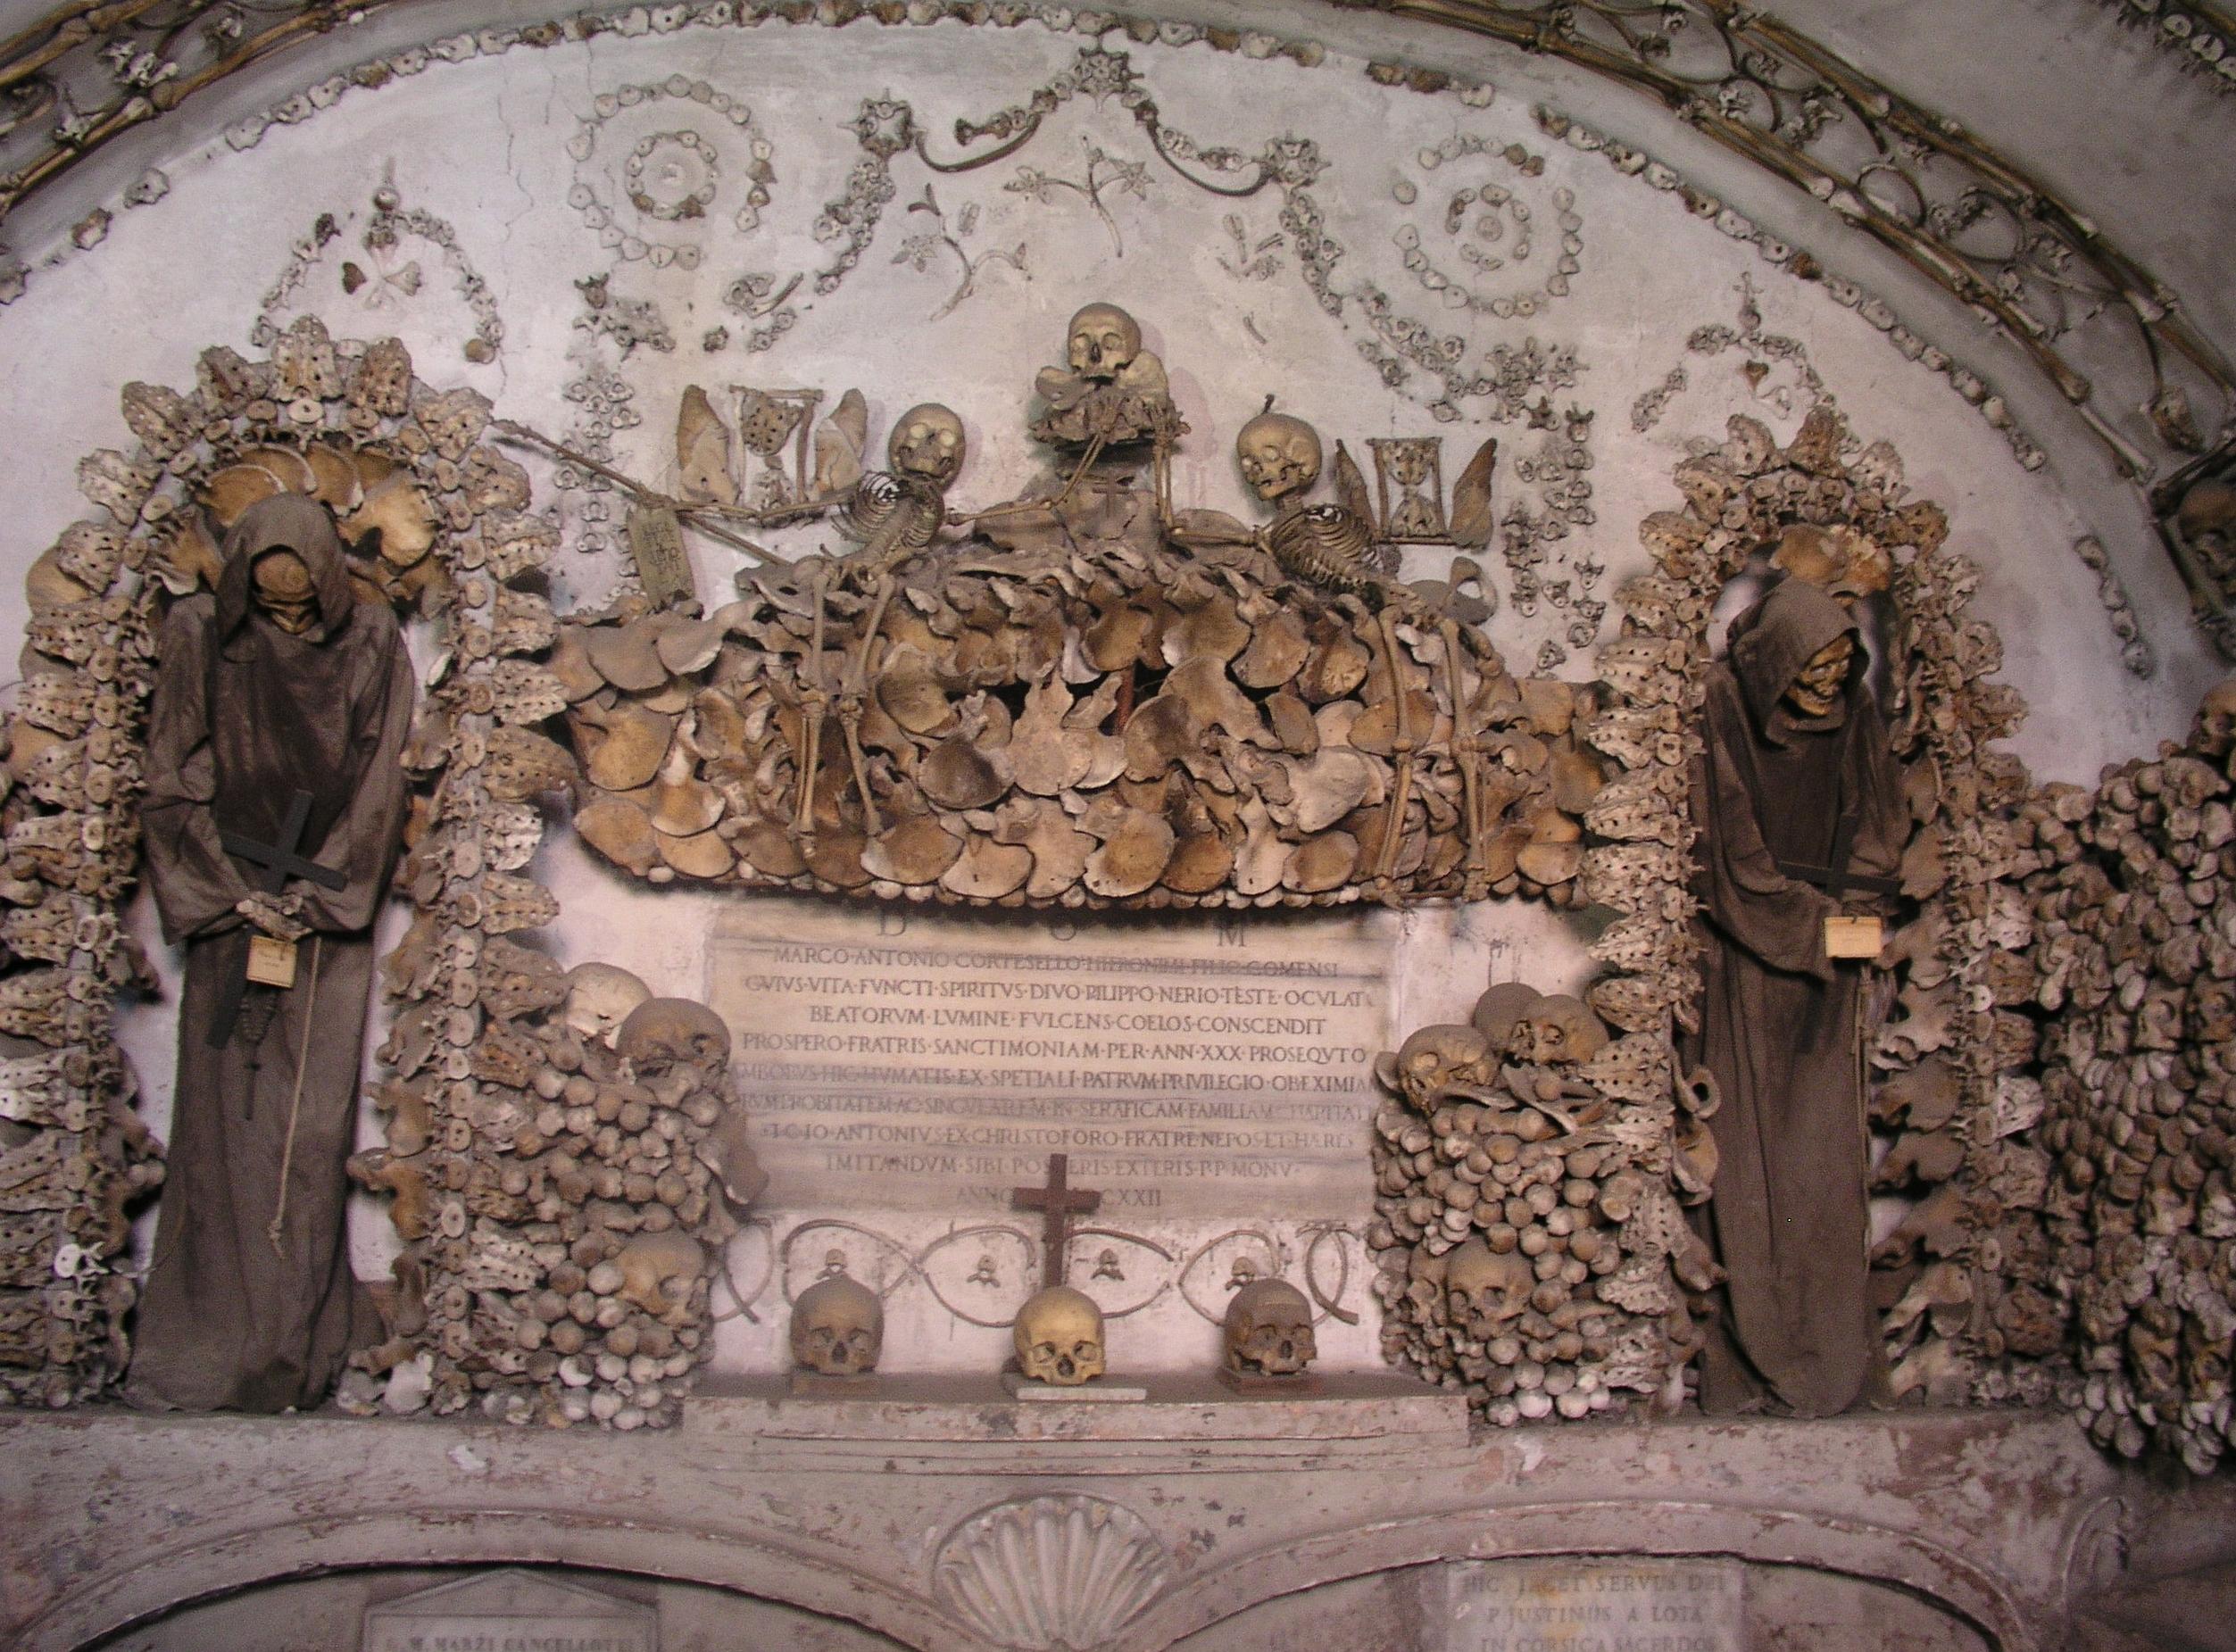 Photo from Santa Maria della Concezione dei Cappuccini, Rome, Italy. Photo taken by Wikipedia user Dnalor_01, Picture from Wikimedia Commons, CC-BY-SA 3.0. Via IllustratedPrayer.com